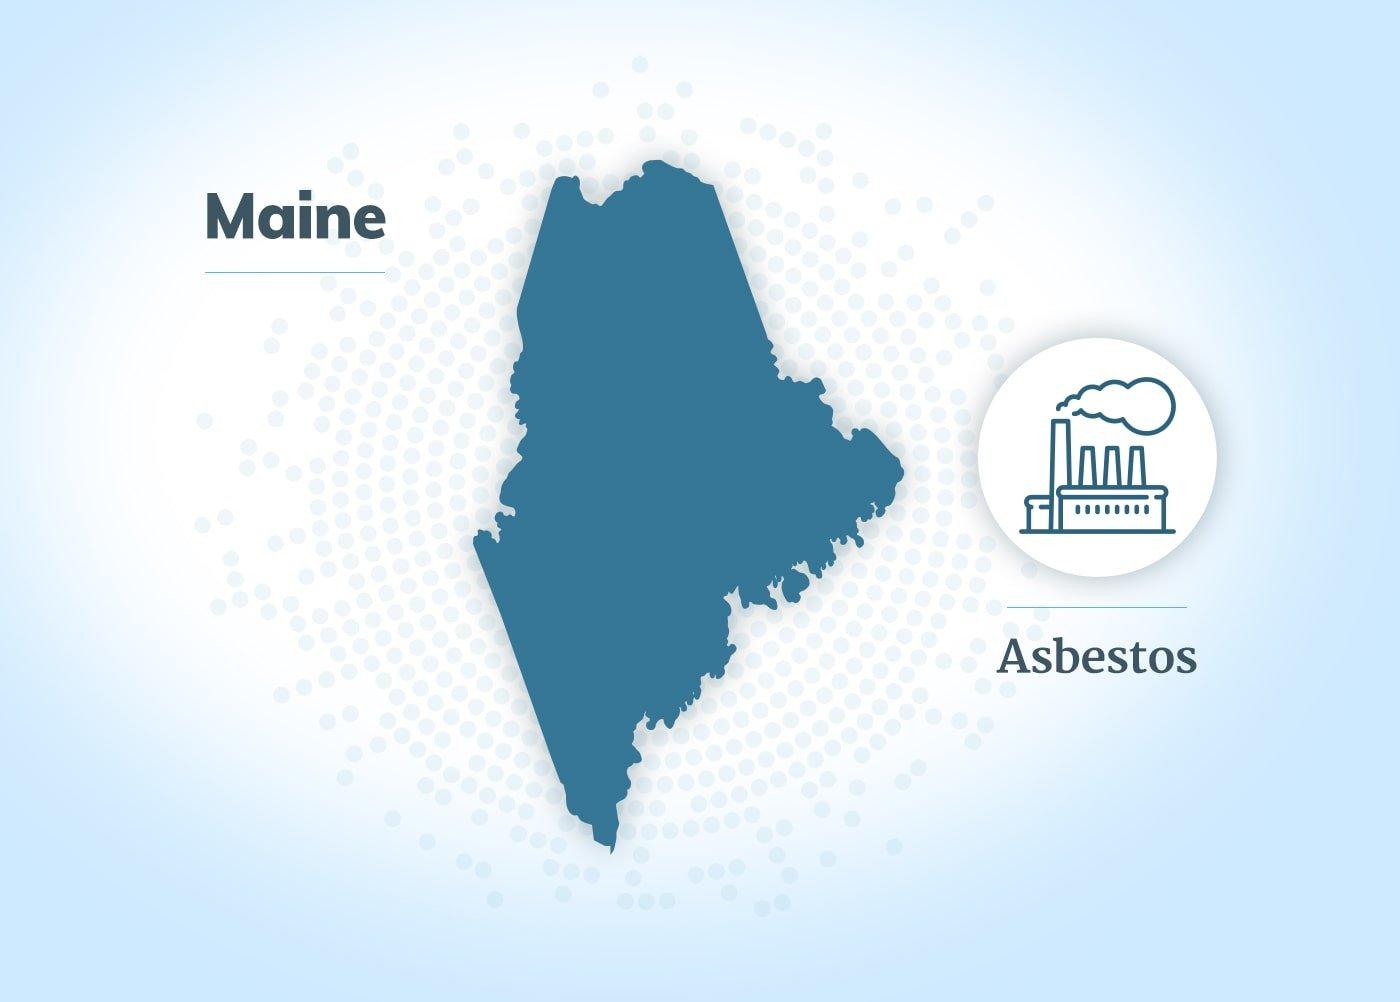 Asbestos exposure in Maine